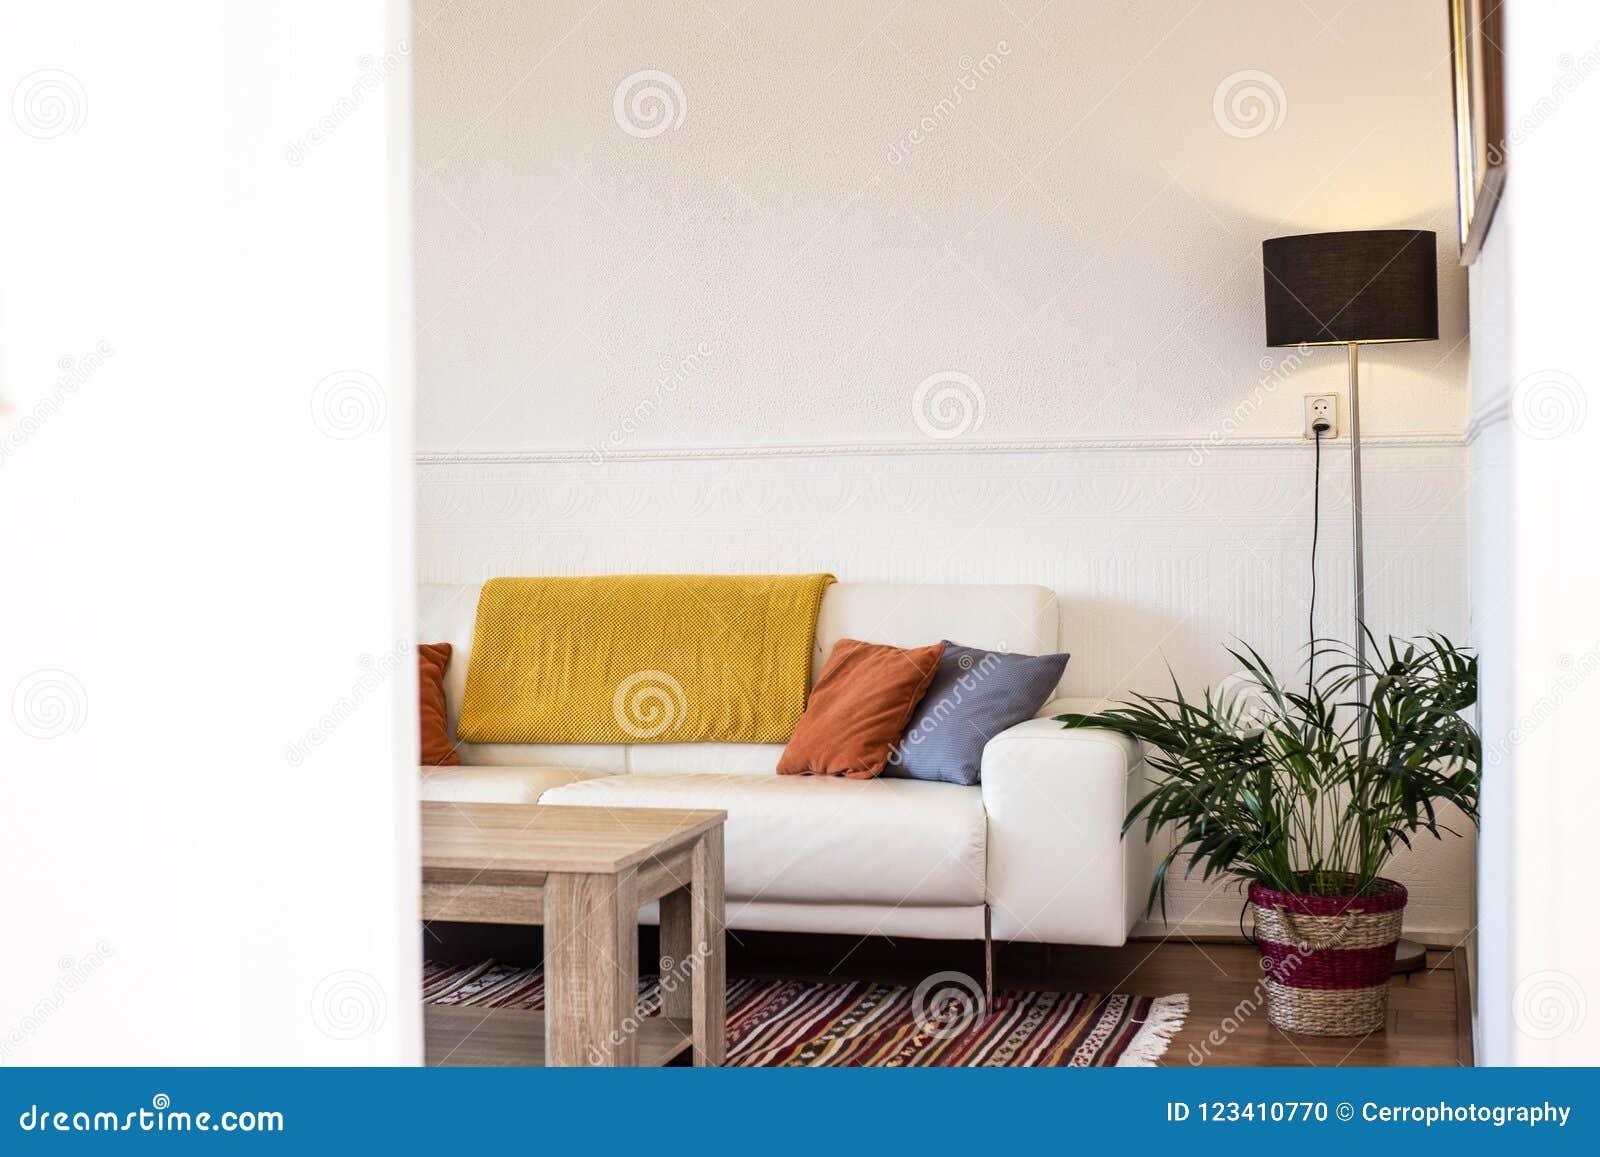 Prosty, przemysłowy wewnętrzny projekt żywy pokój z drewnianą stołową pozycją przed szarą kanapą z poduszkami,